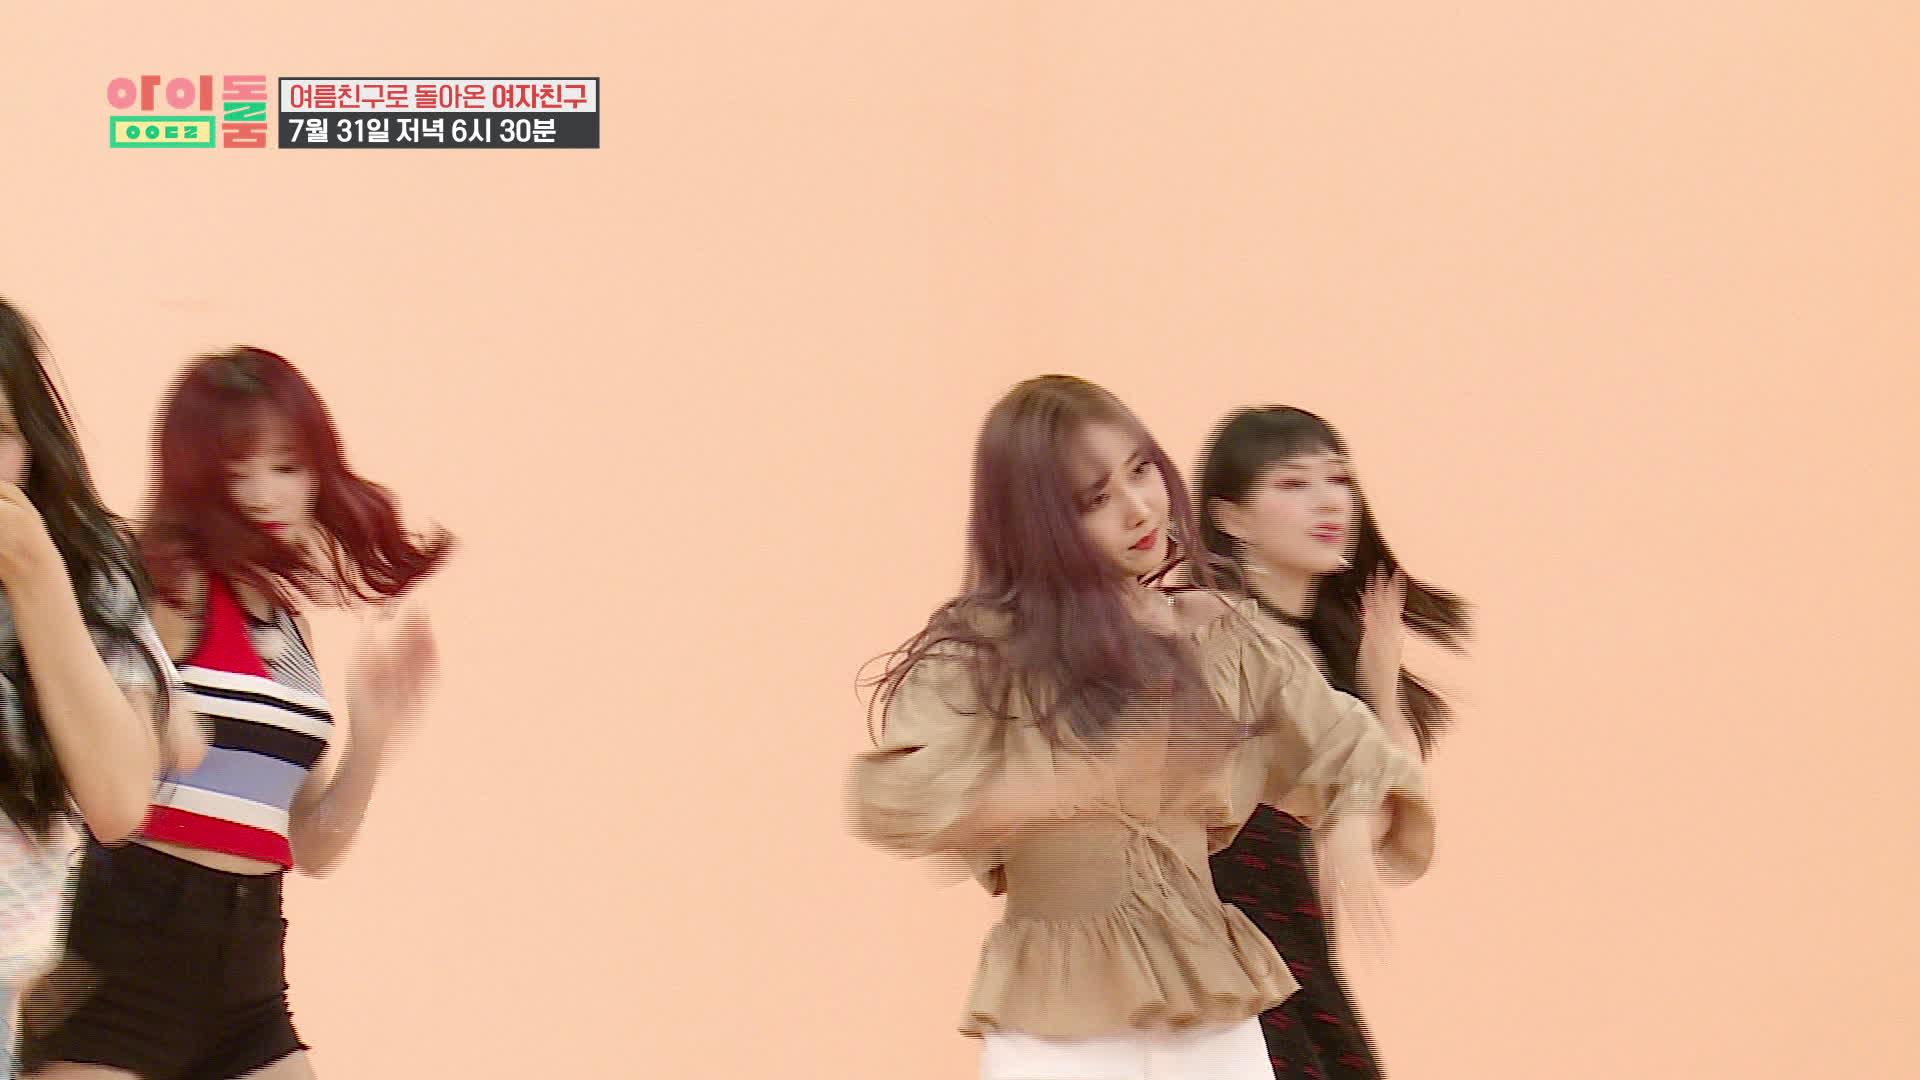 <아이돌룸> 13회 선공개 - 여자친구, 각 잡고 추는 'Fake Love' 커버댄스